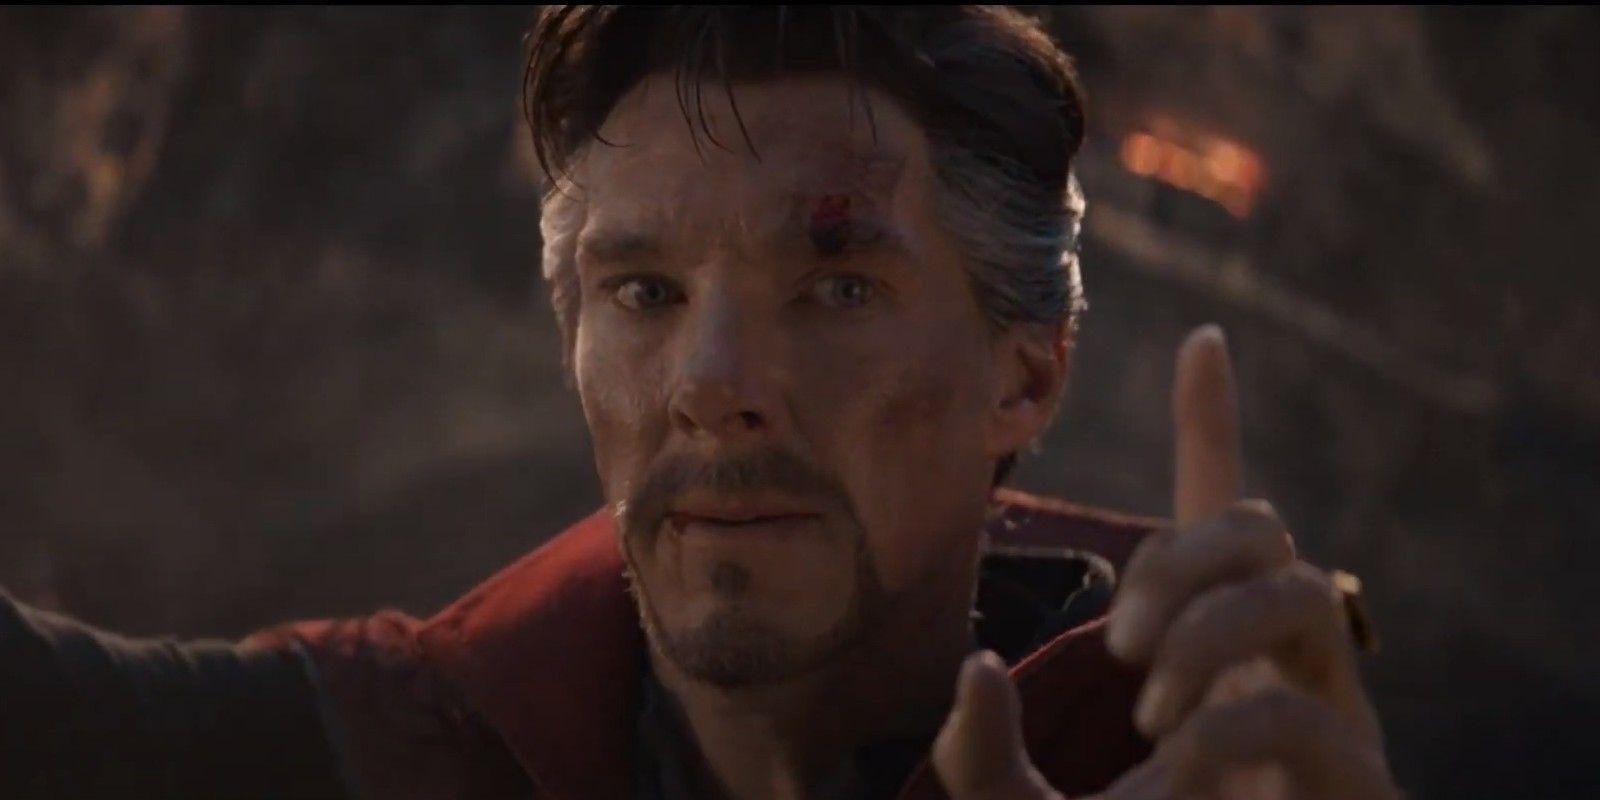 Avengers Endgame : cette scène avec Doctor Strange a été improvisée par Benedict Cumberbatch